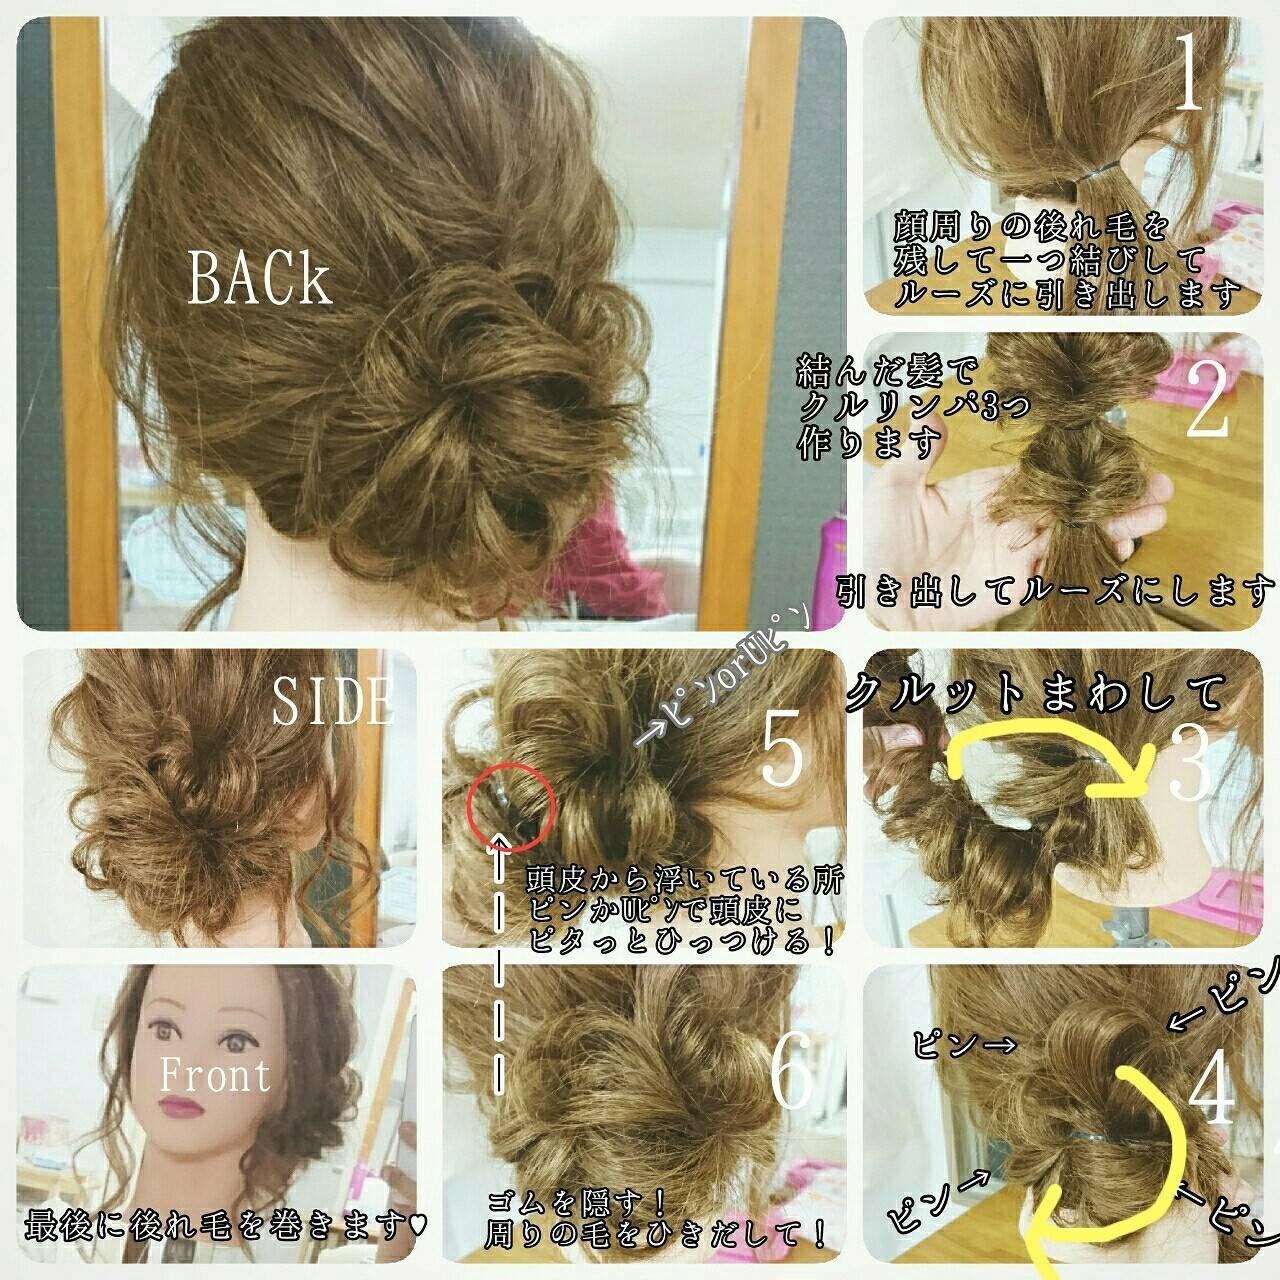 ゆるふわ ヘアアレンジ ロング セルフヘアアレンジヘアスタイルや髪型の写真・画像